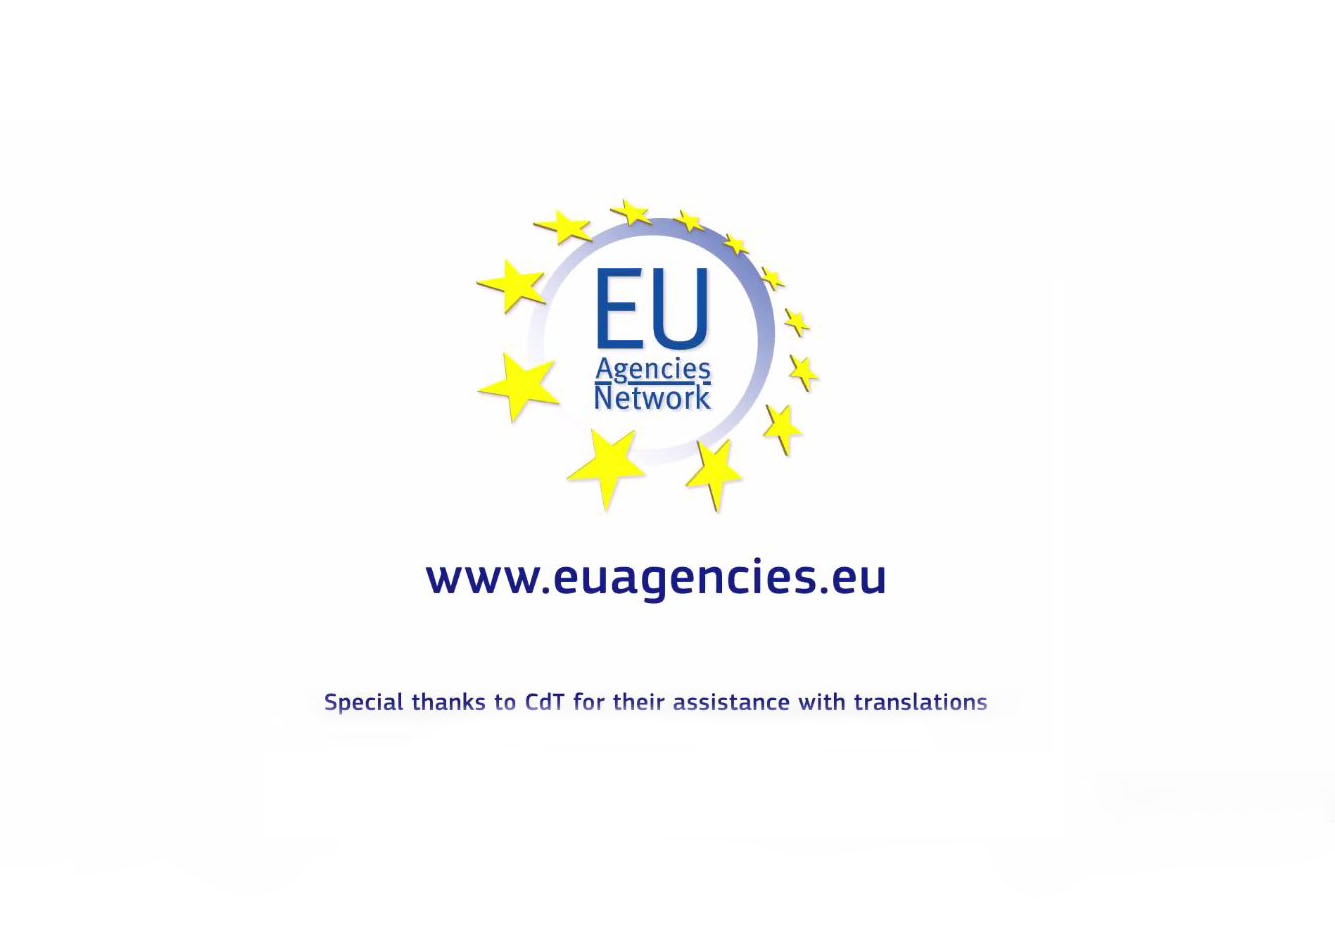 EUagencies network